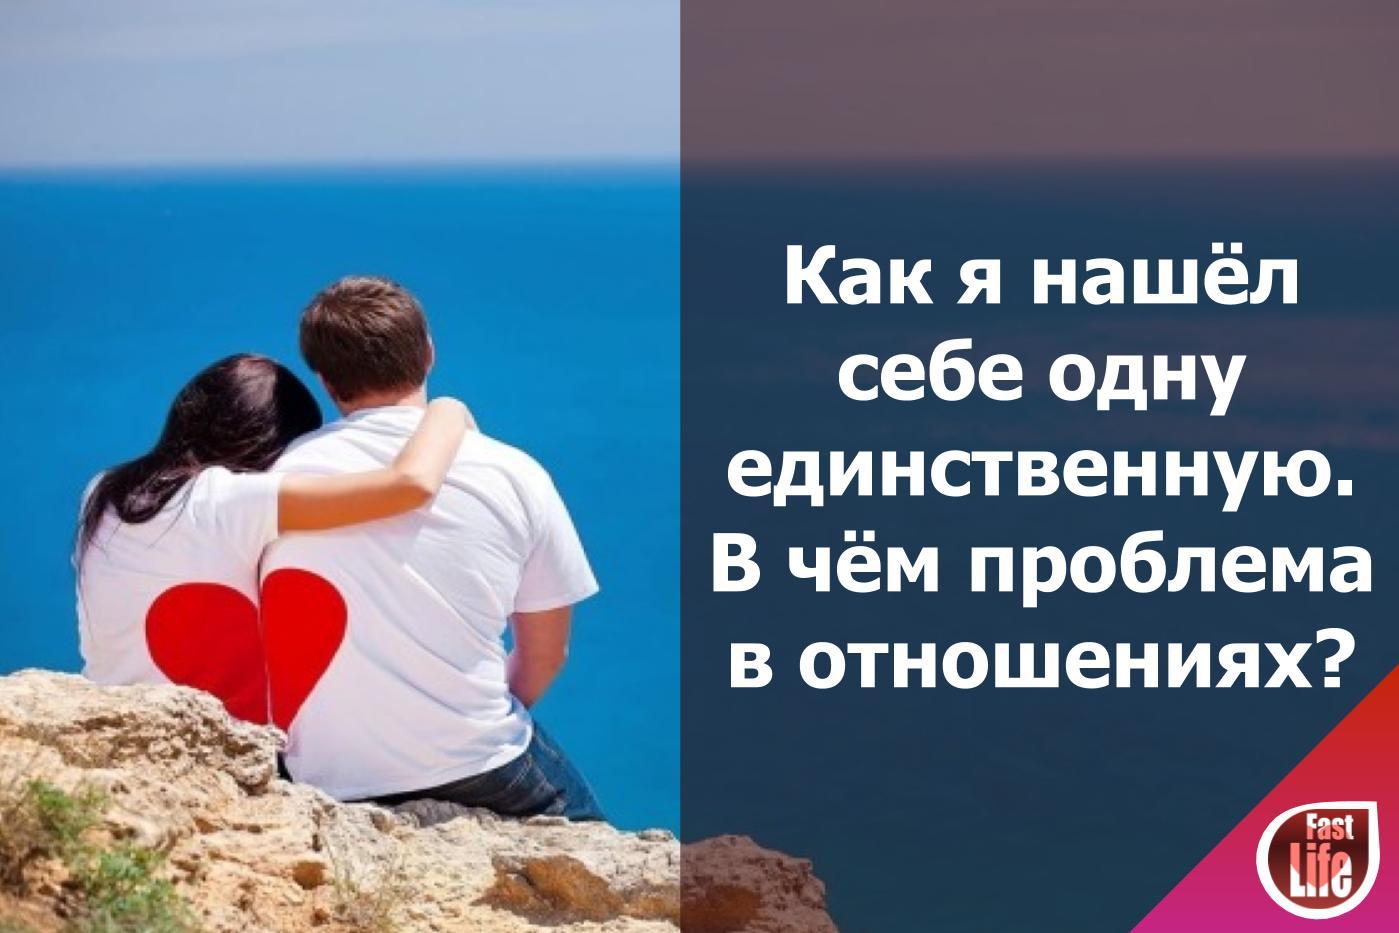 Интернет знакомства bb знакомства волгоградская обл урюпинск от 35 до45 лет